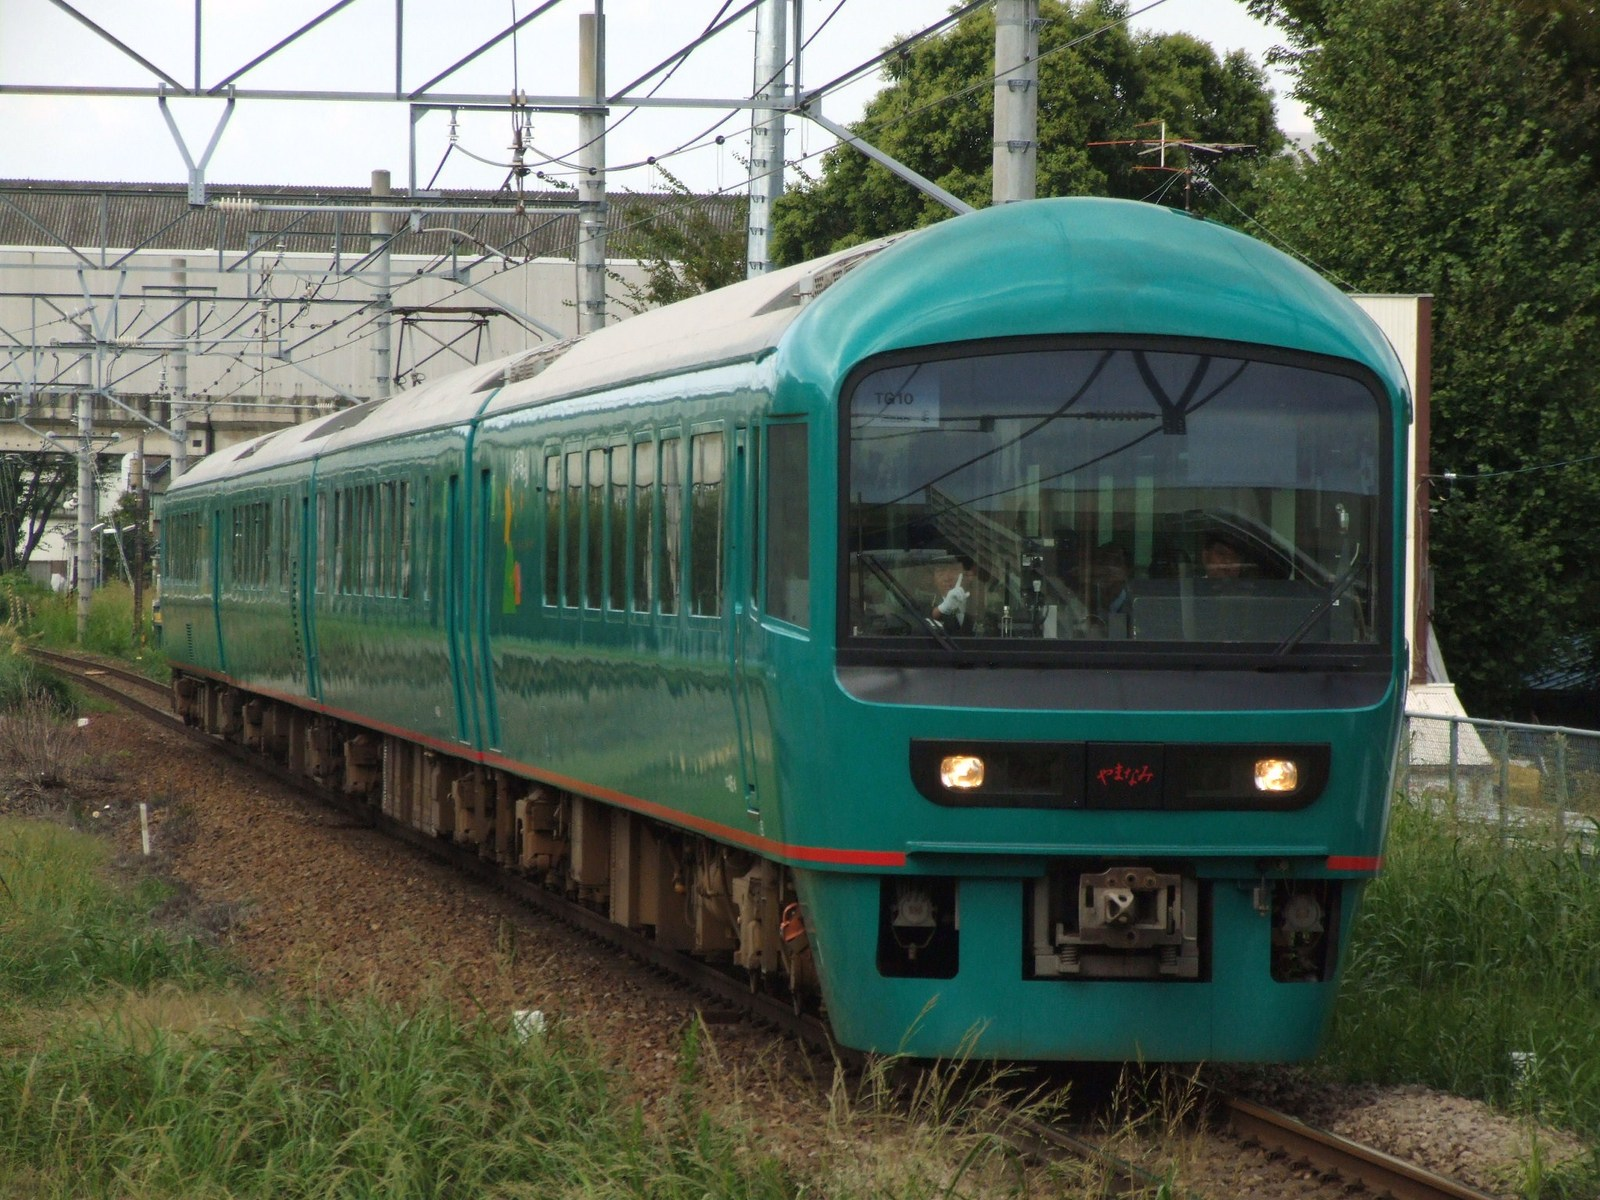 Dscf6067